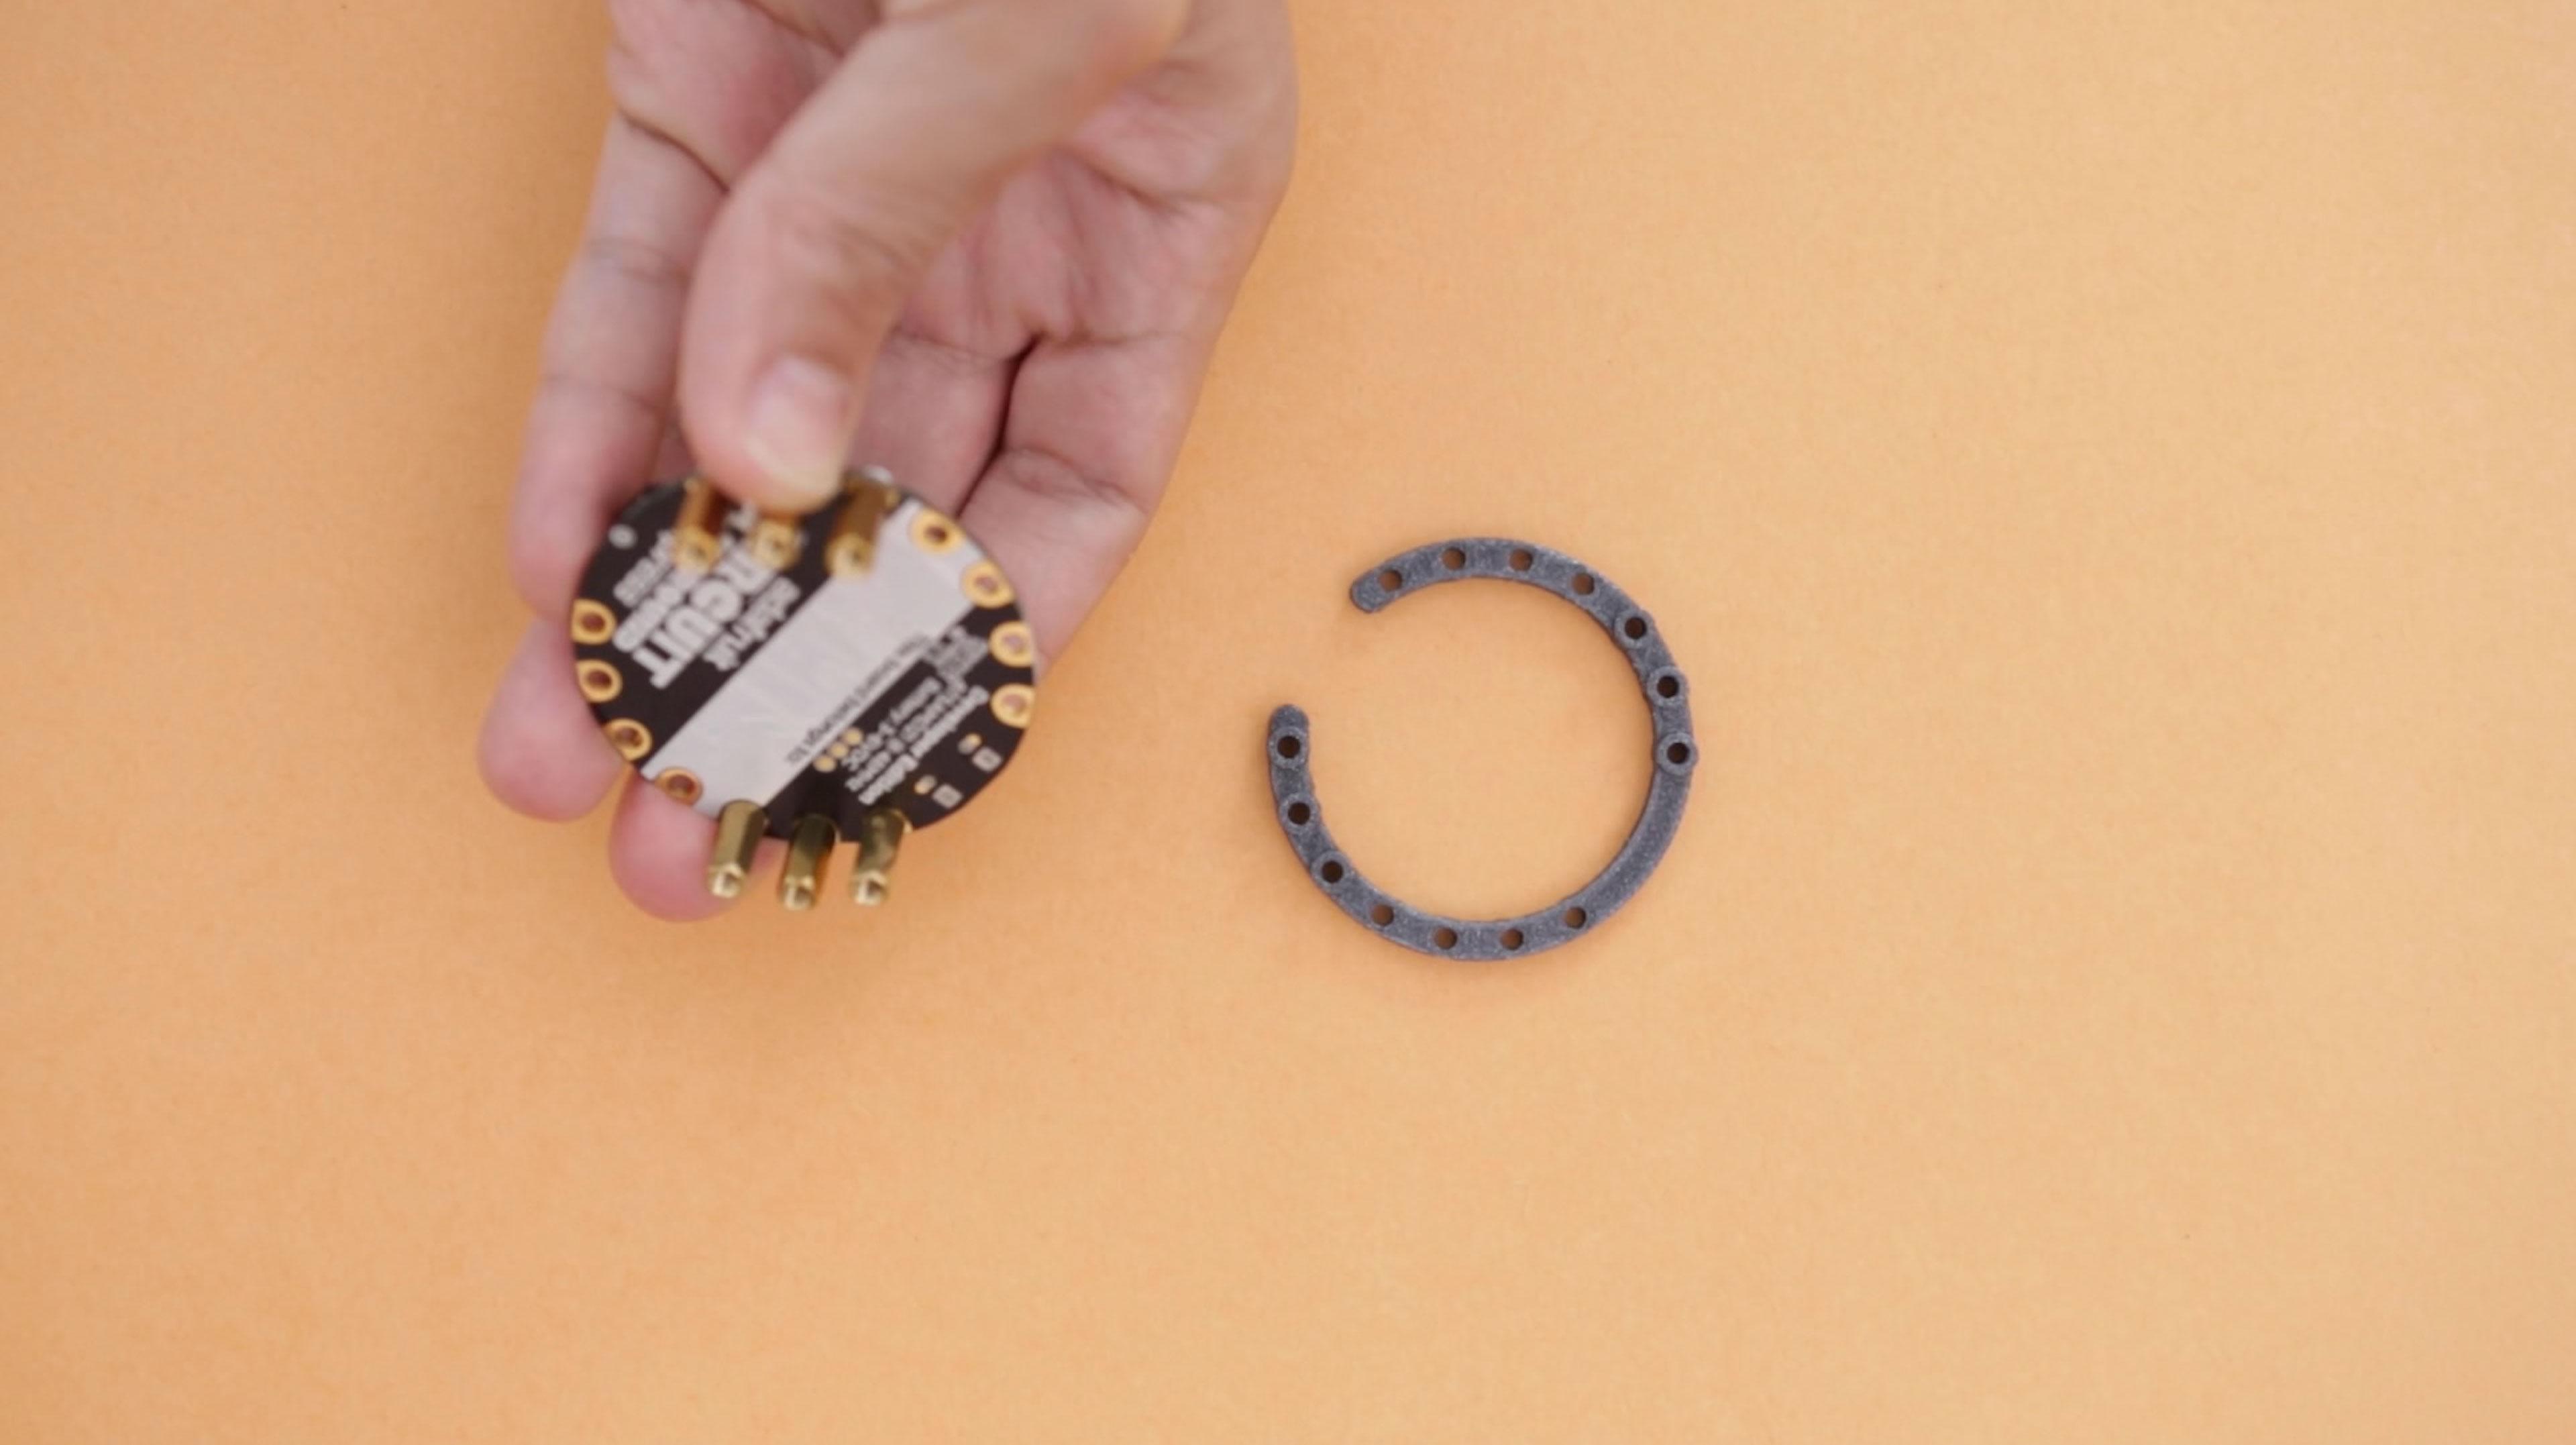 3d_printing_cpx-bolts.jpg